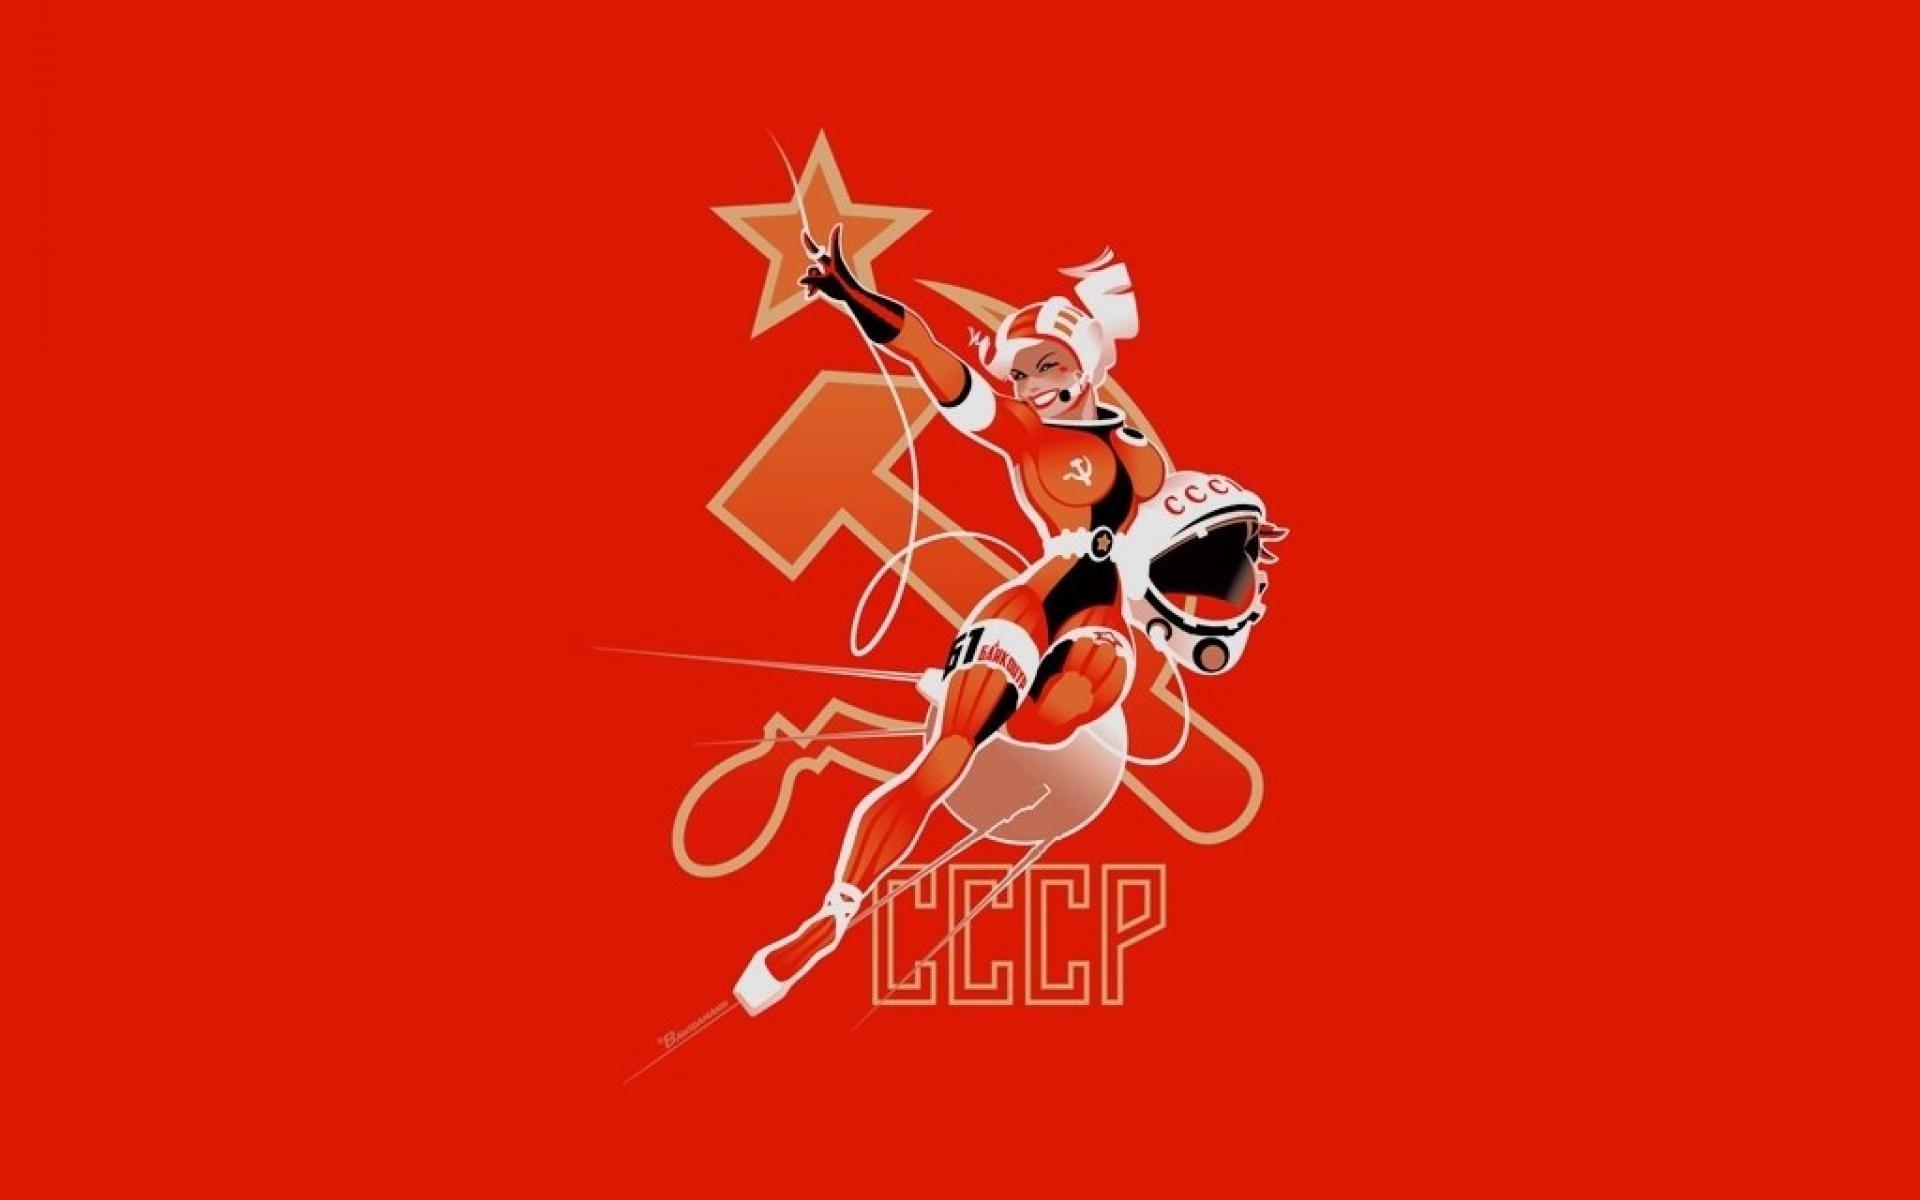 Cccp Wallpaper